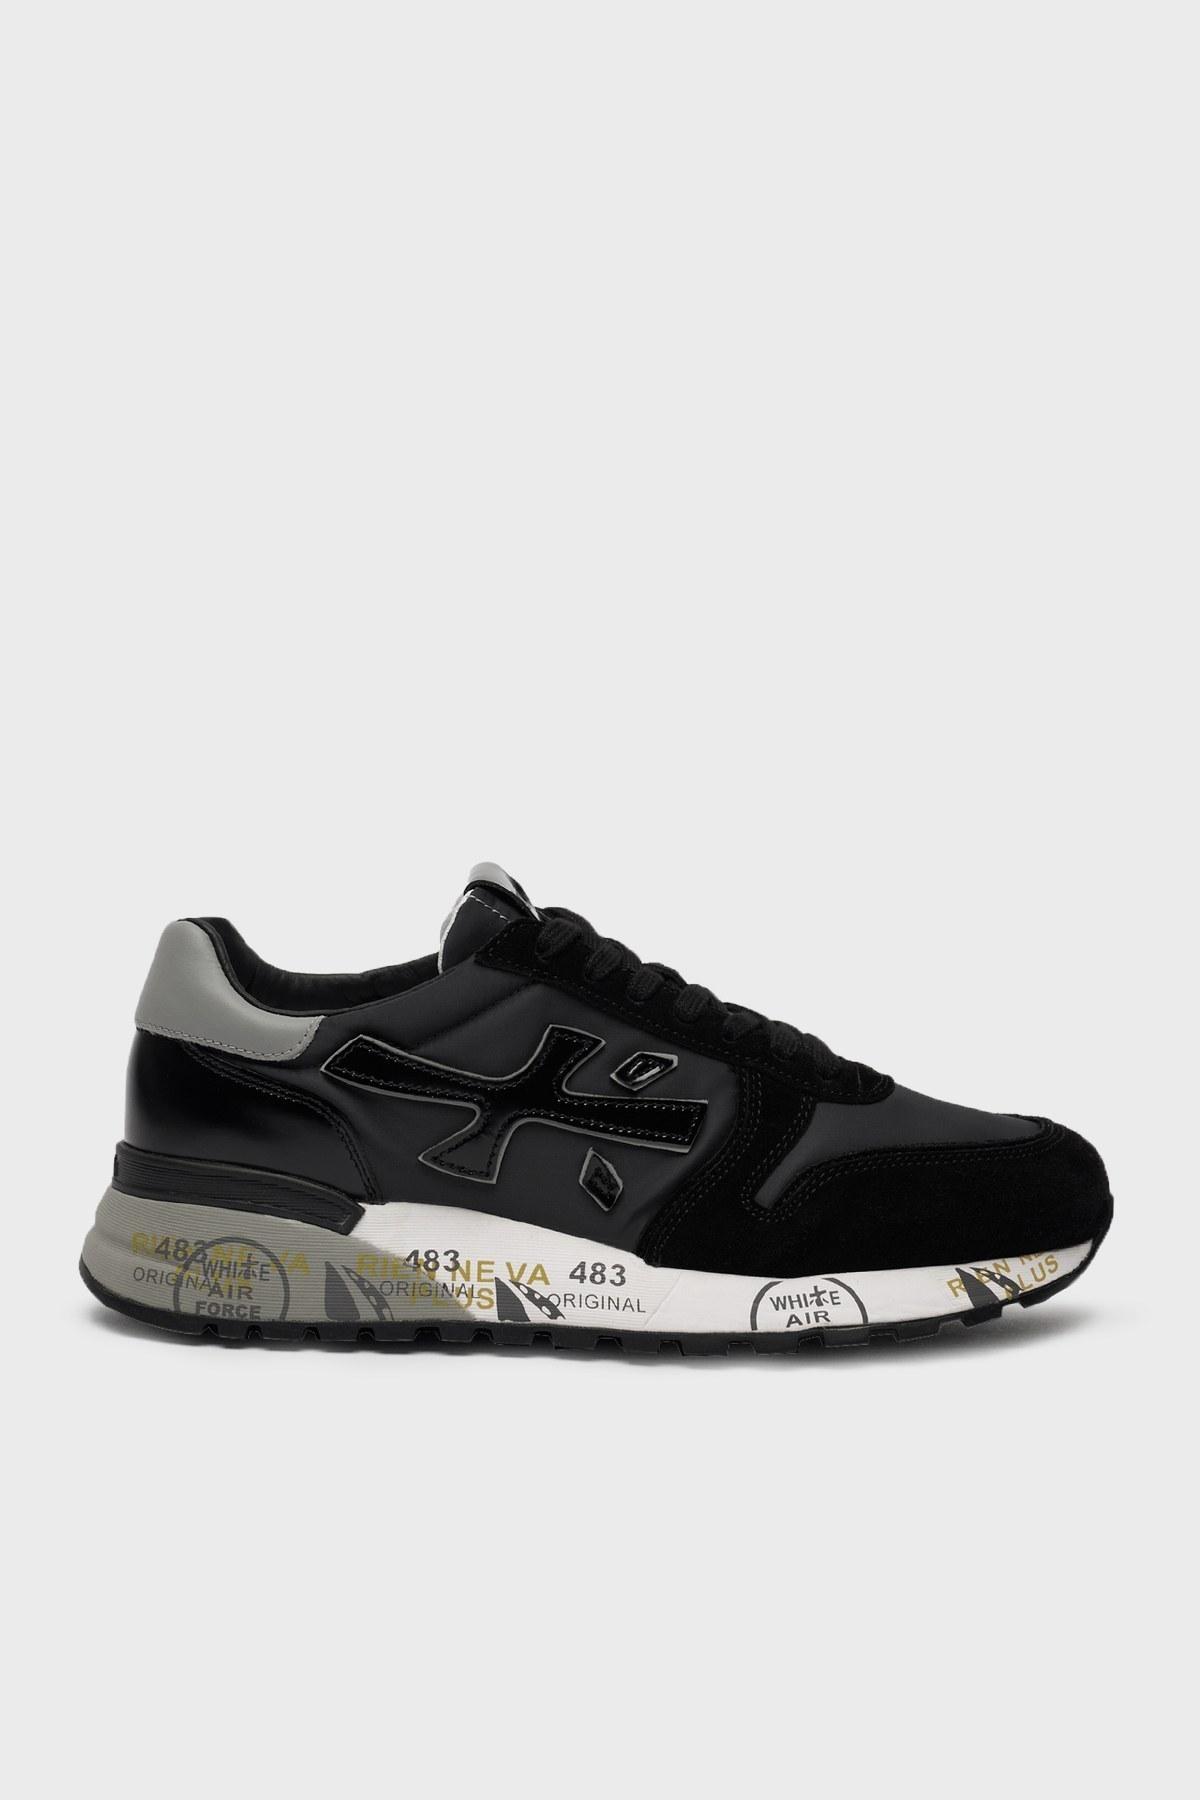 Premiata Baskılı Sneaker Erkek Ayakkabı MICK 5017 SİYAH